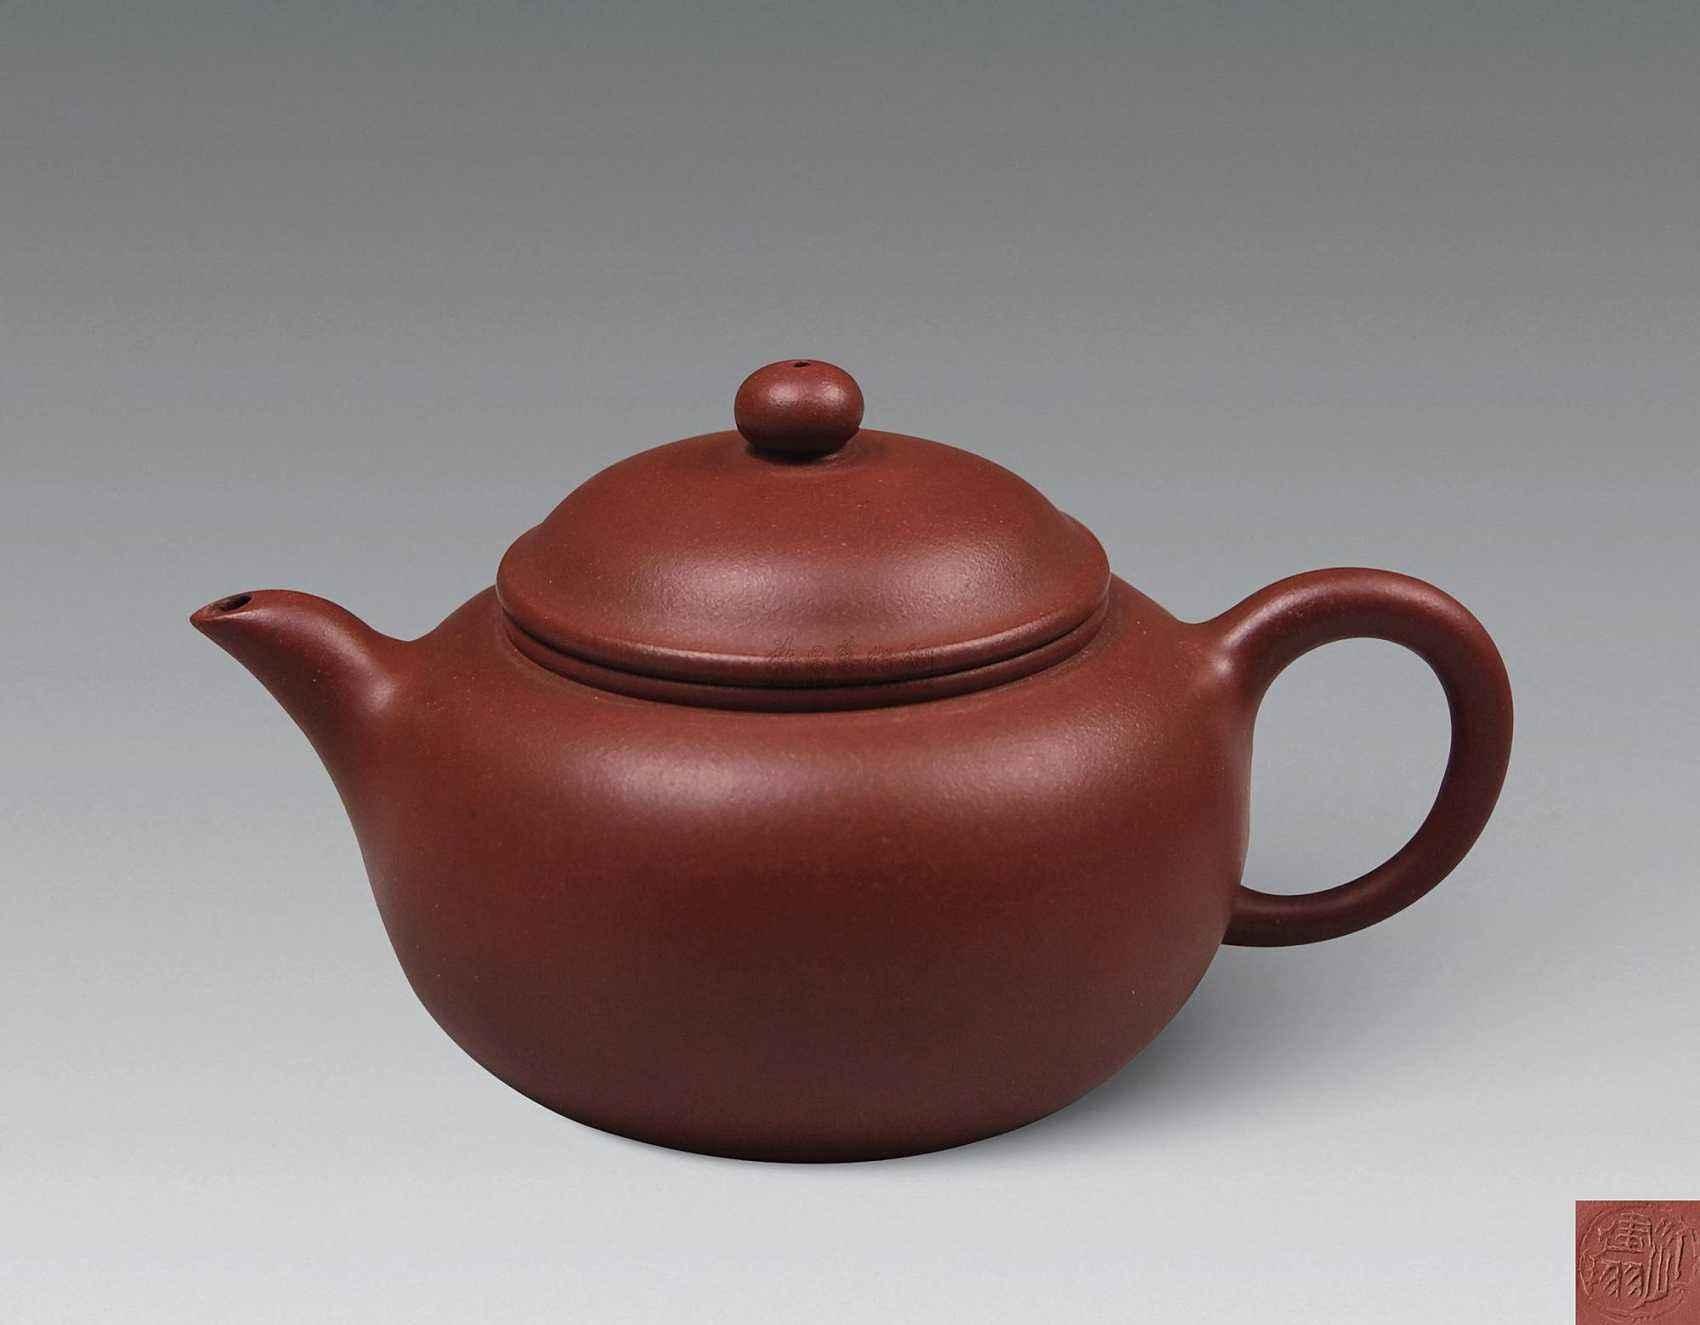 紫砂壶历史和起源传说